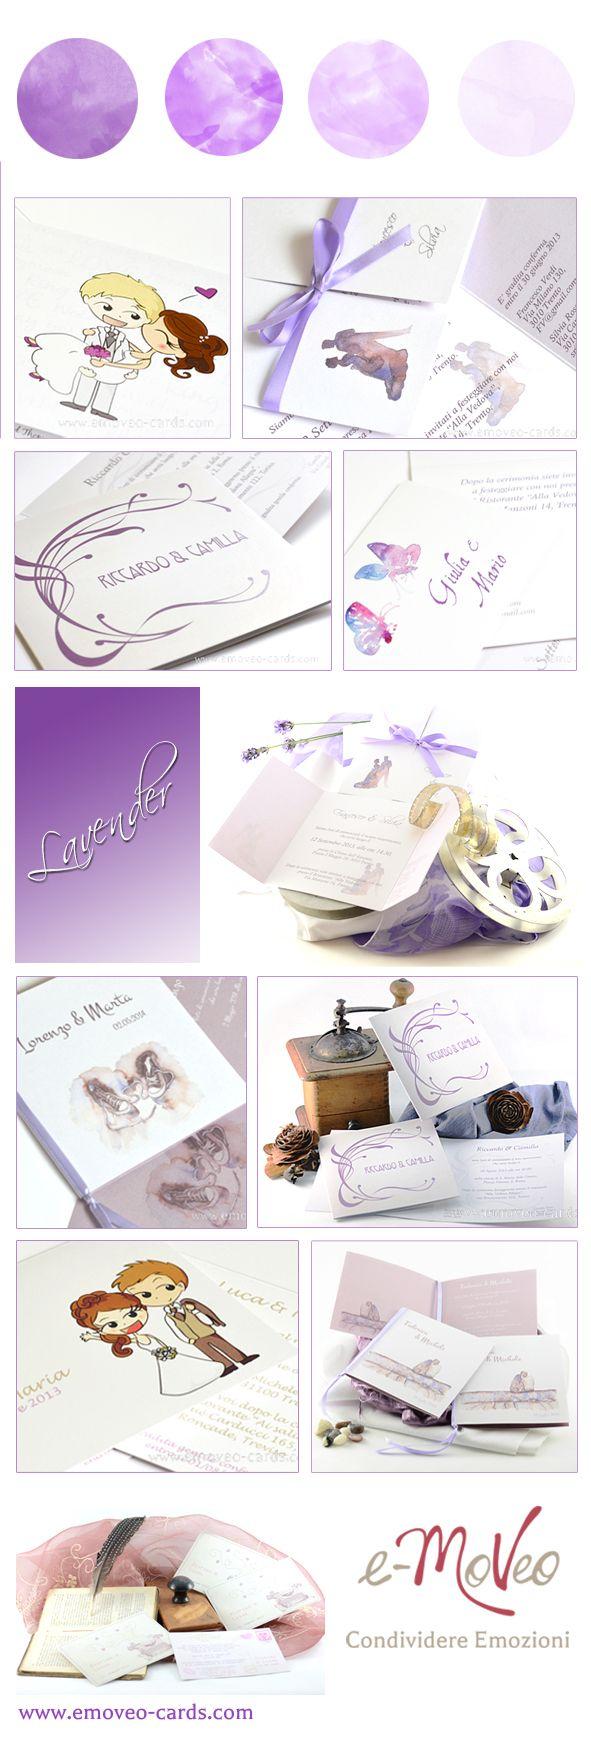 Lavender wedding inspiration: wedding cards in lavender / lilac Matrimonio color lavanda: idee per partecipazioni in color lilla / lavanda Hochzeit in Lavendel: Hochzeitseinladungen in Lavendel www.emoveo-cards.com